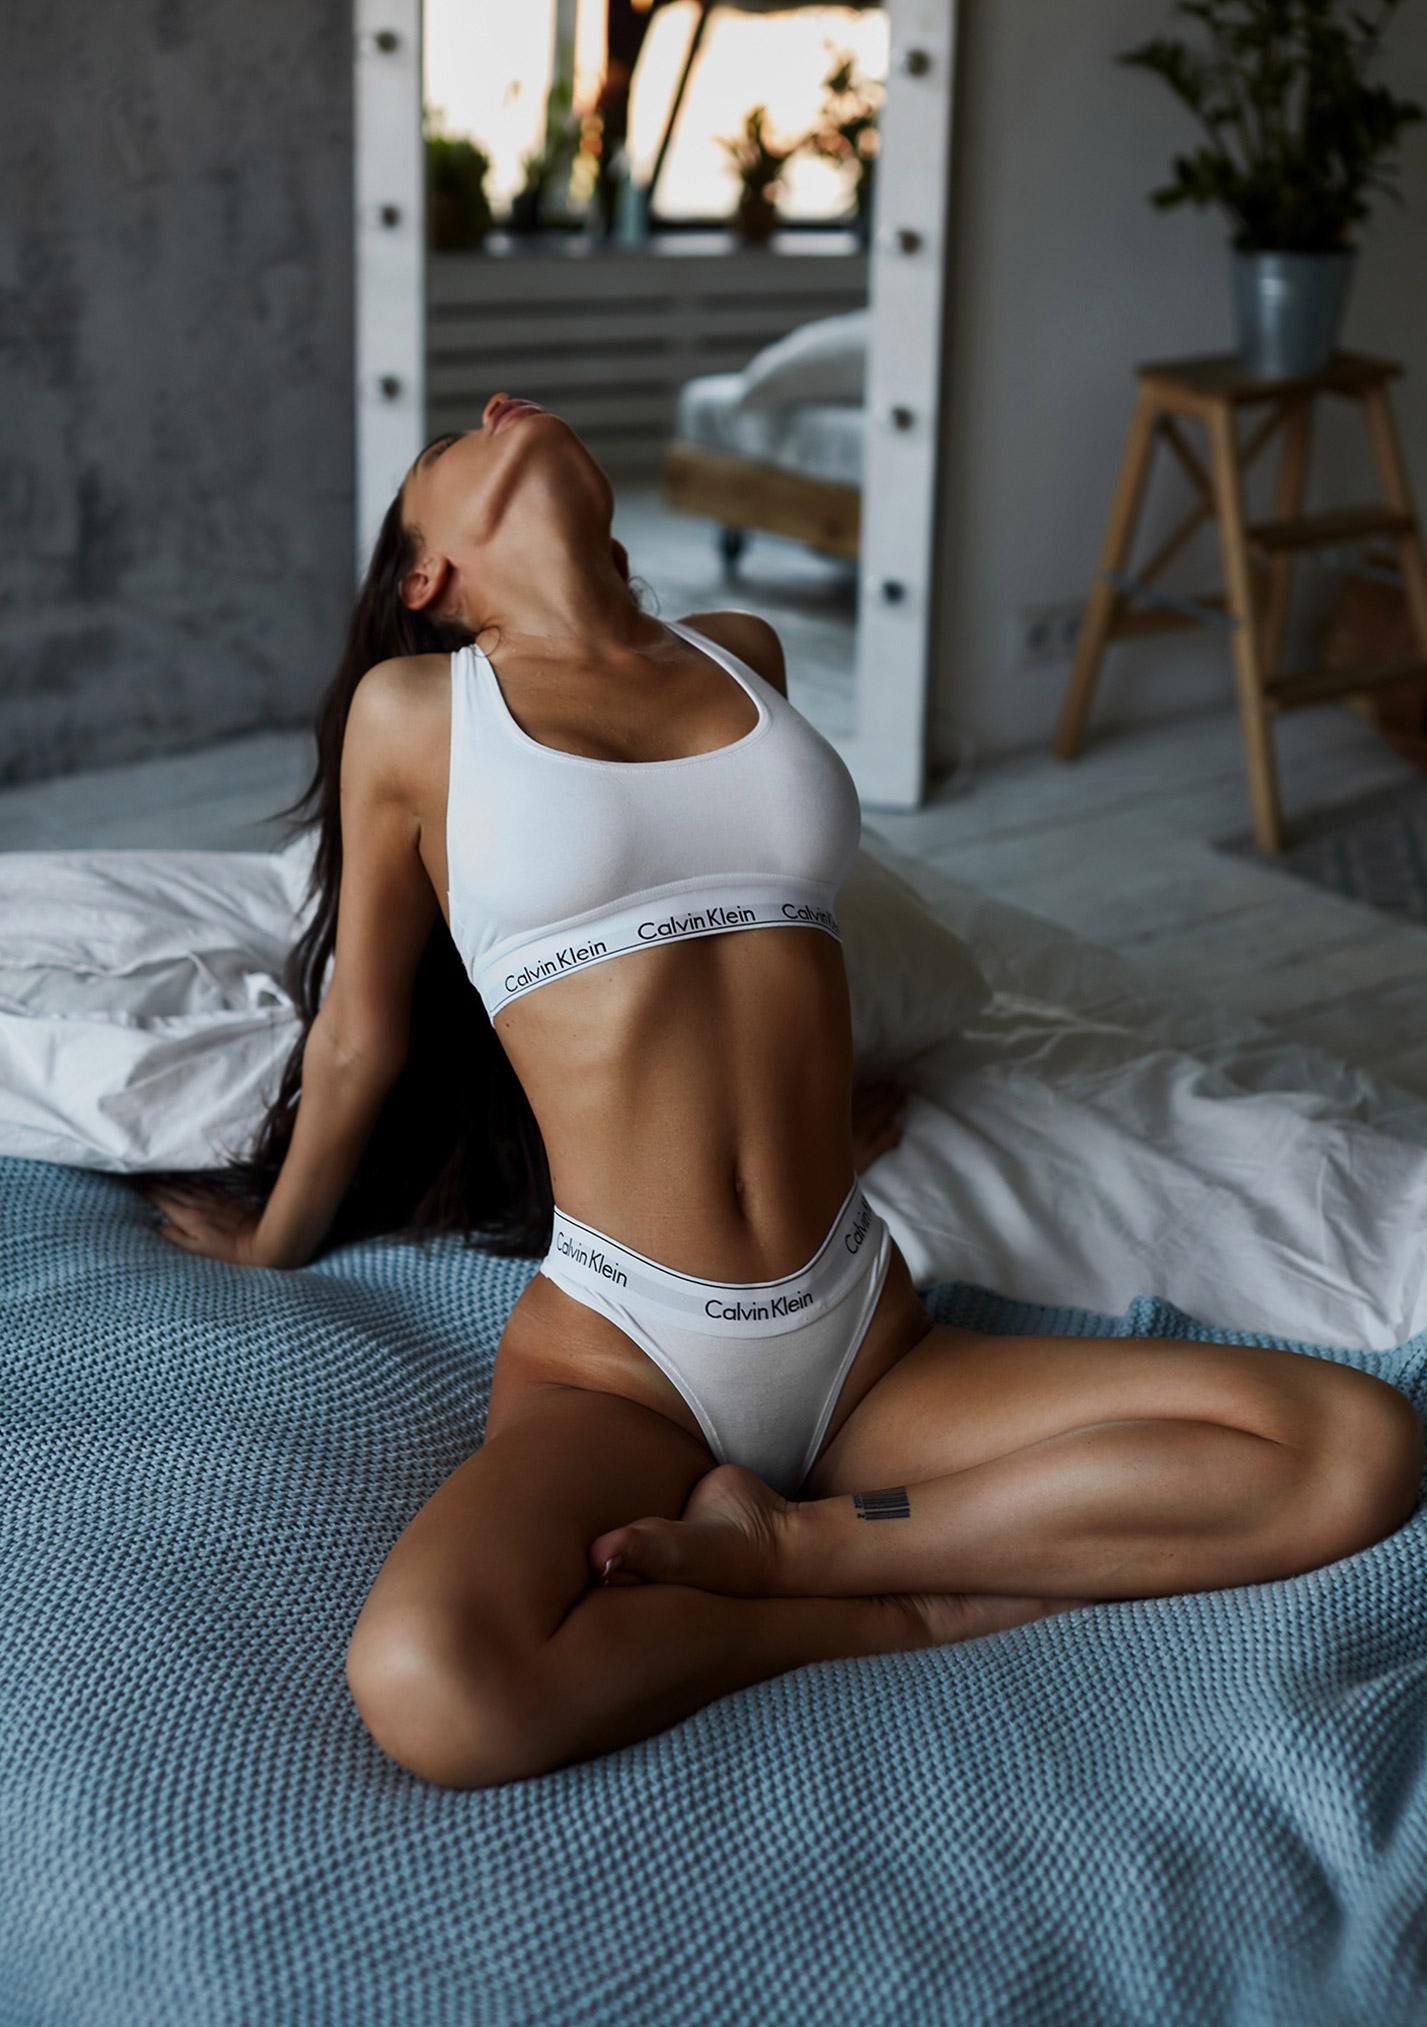 Екатерина Зуева, фотограф Дмитрий Лобанов / фото 01